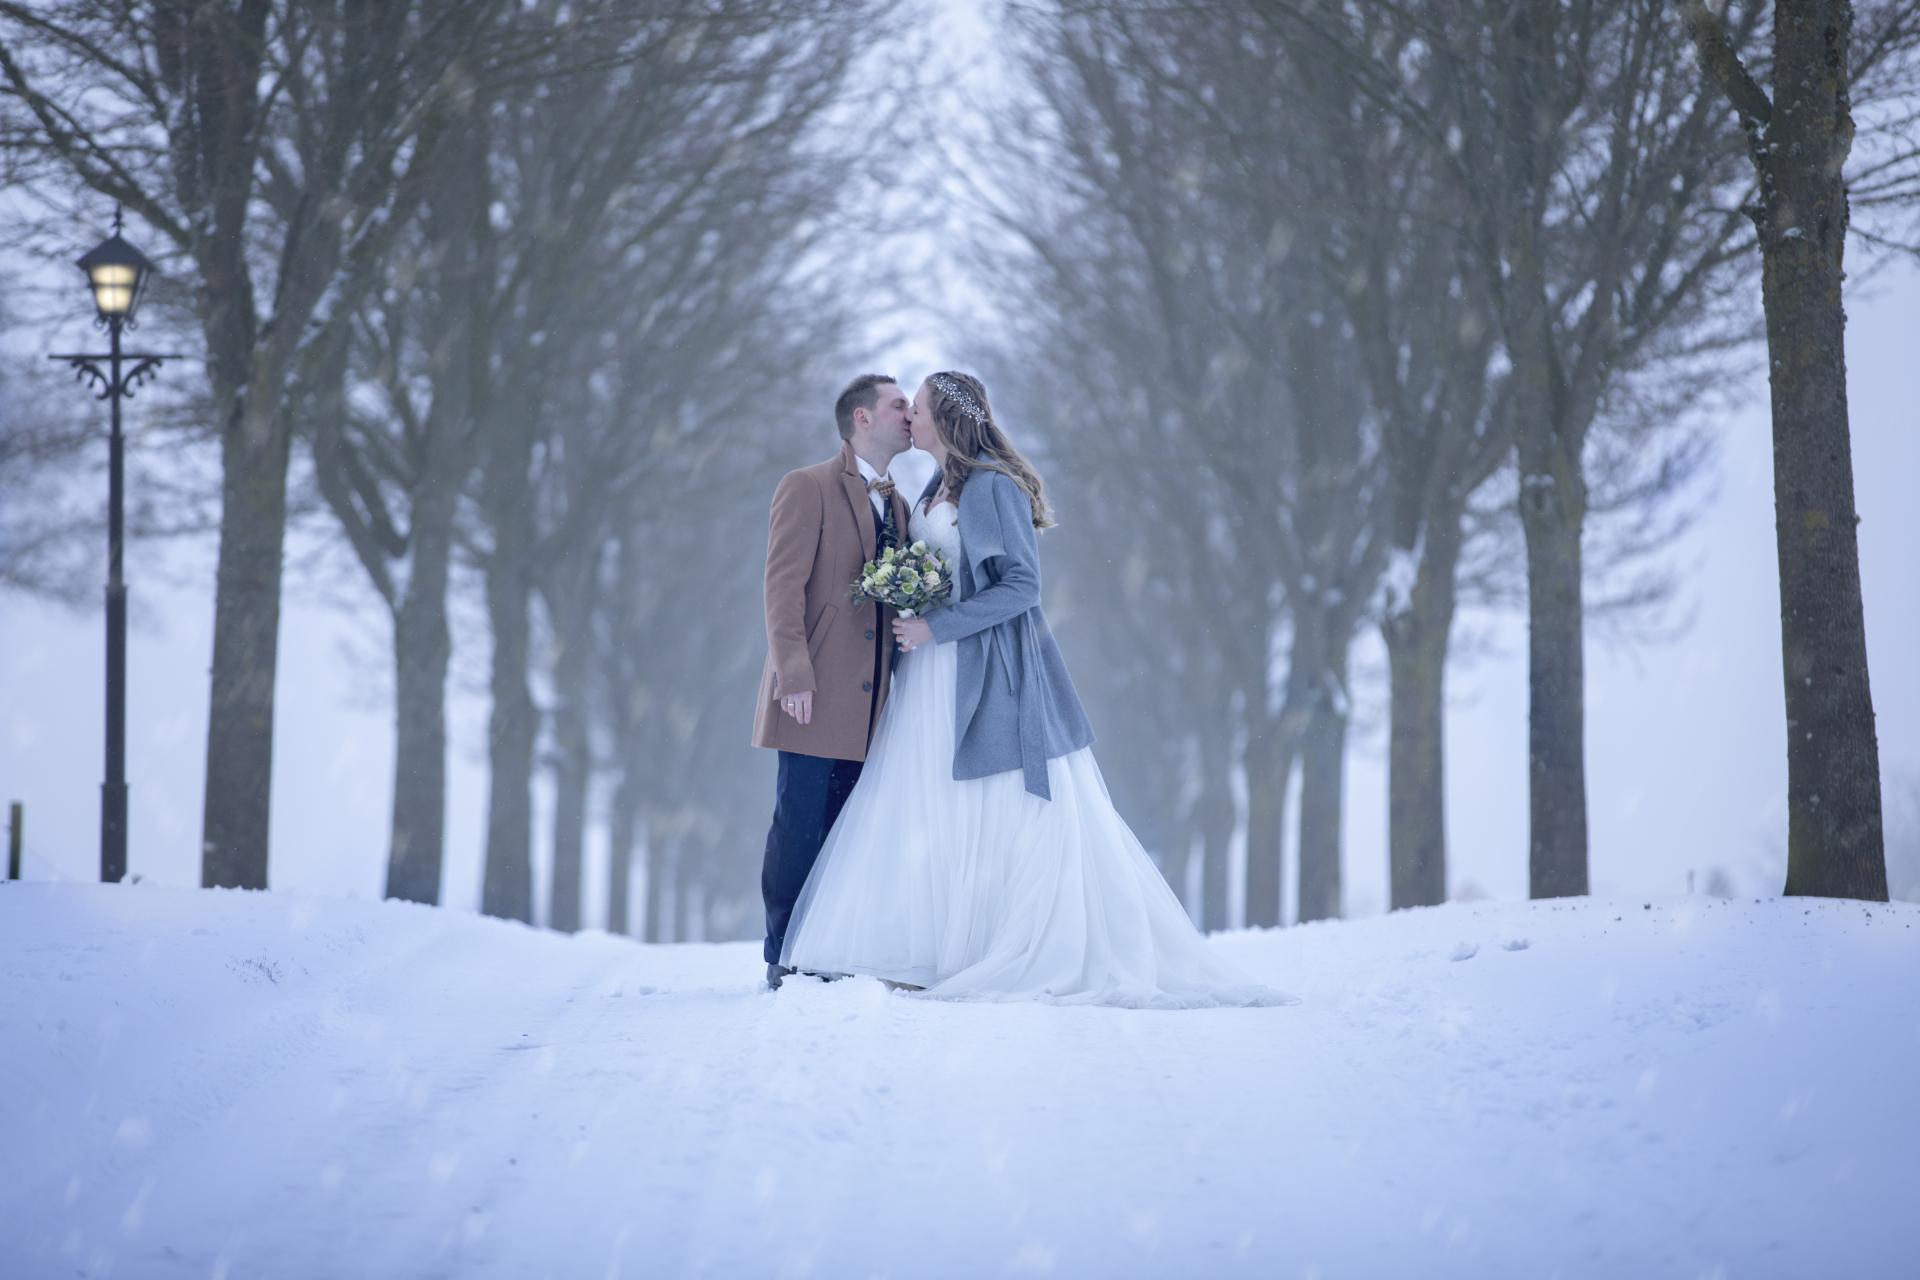 3e5602d5 Vinter Bryllup - Fotograf | Bryllup | Portræt | Erhverv | Balslev Foto